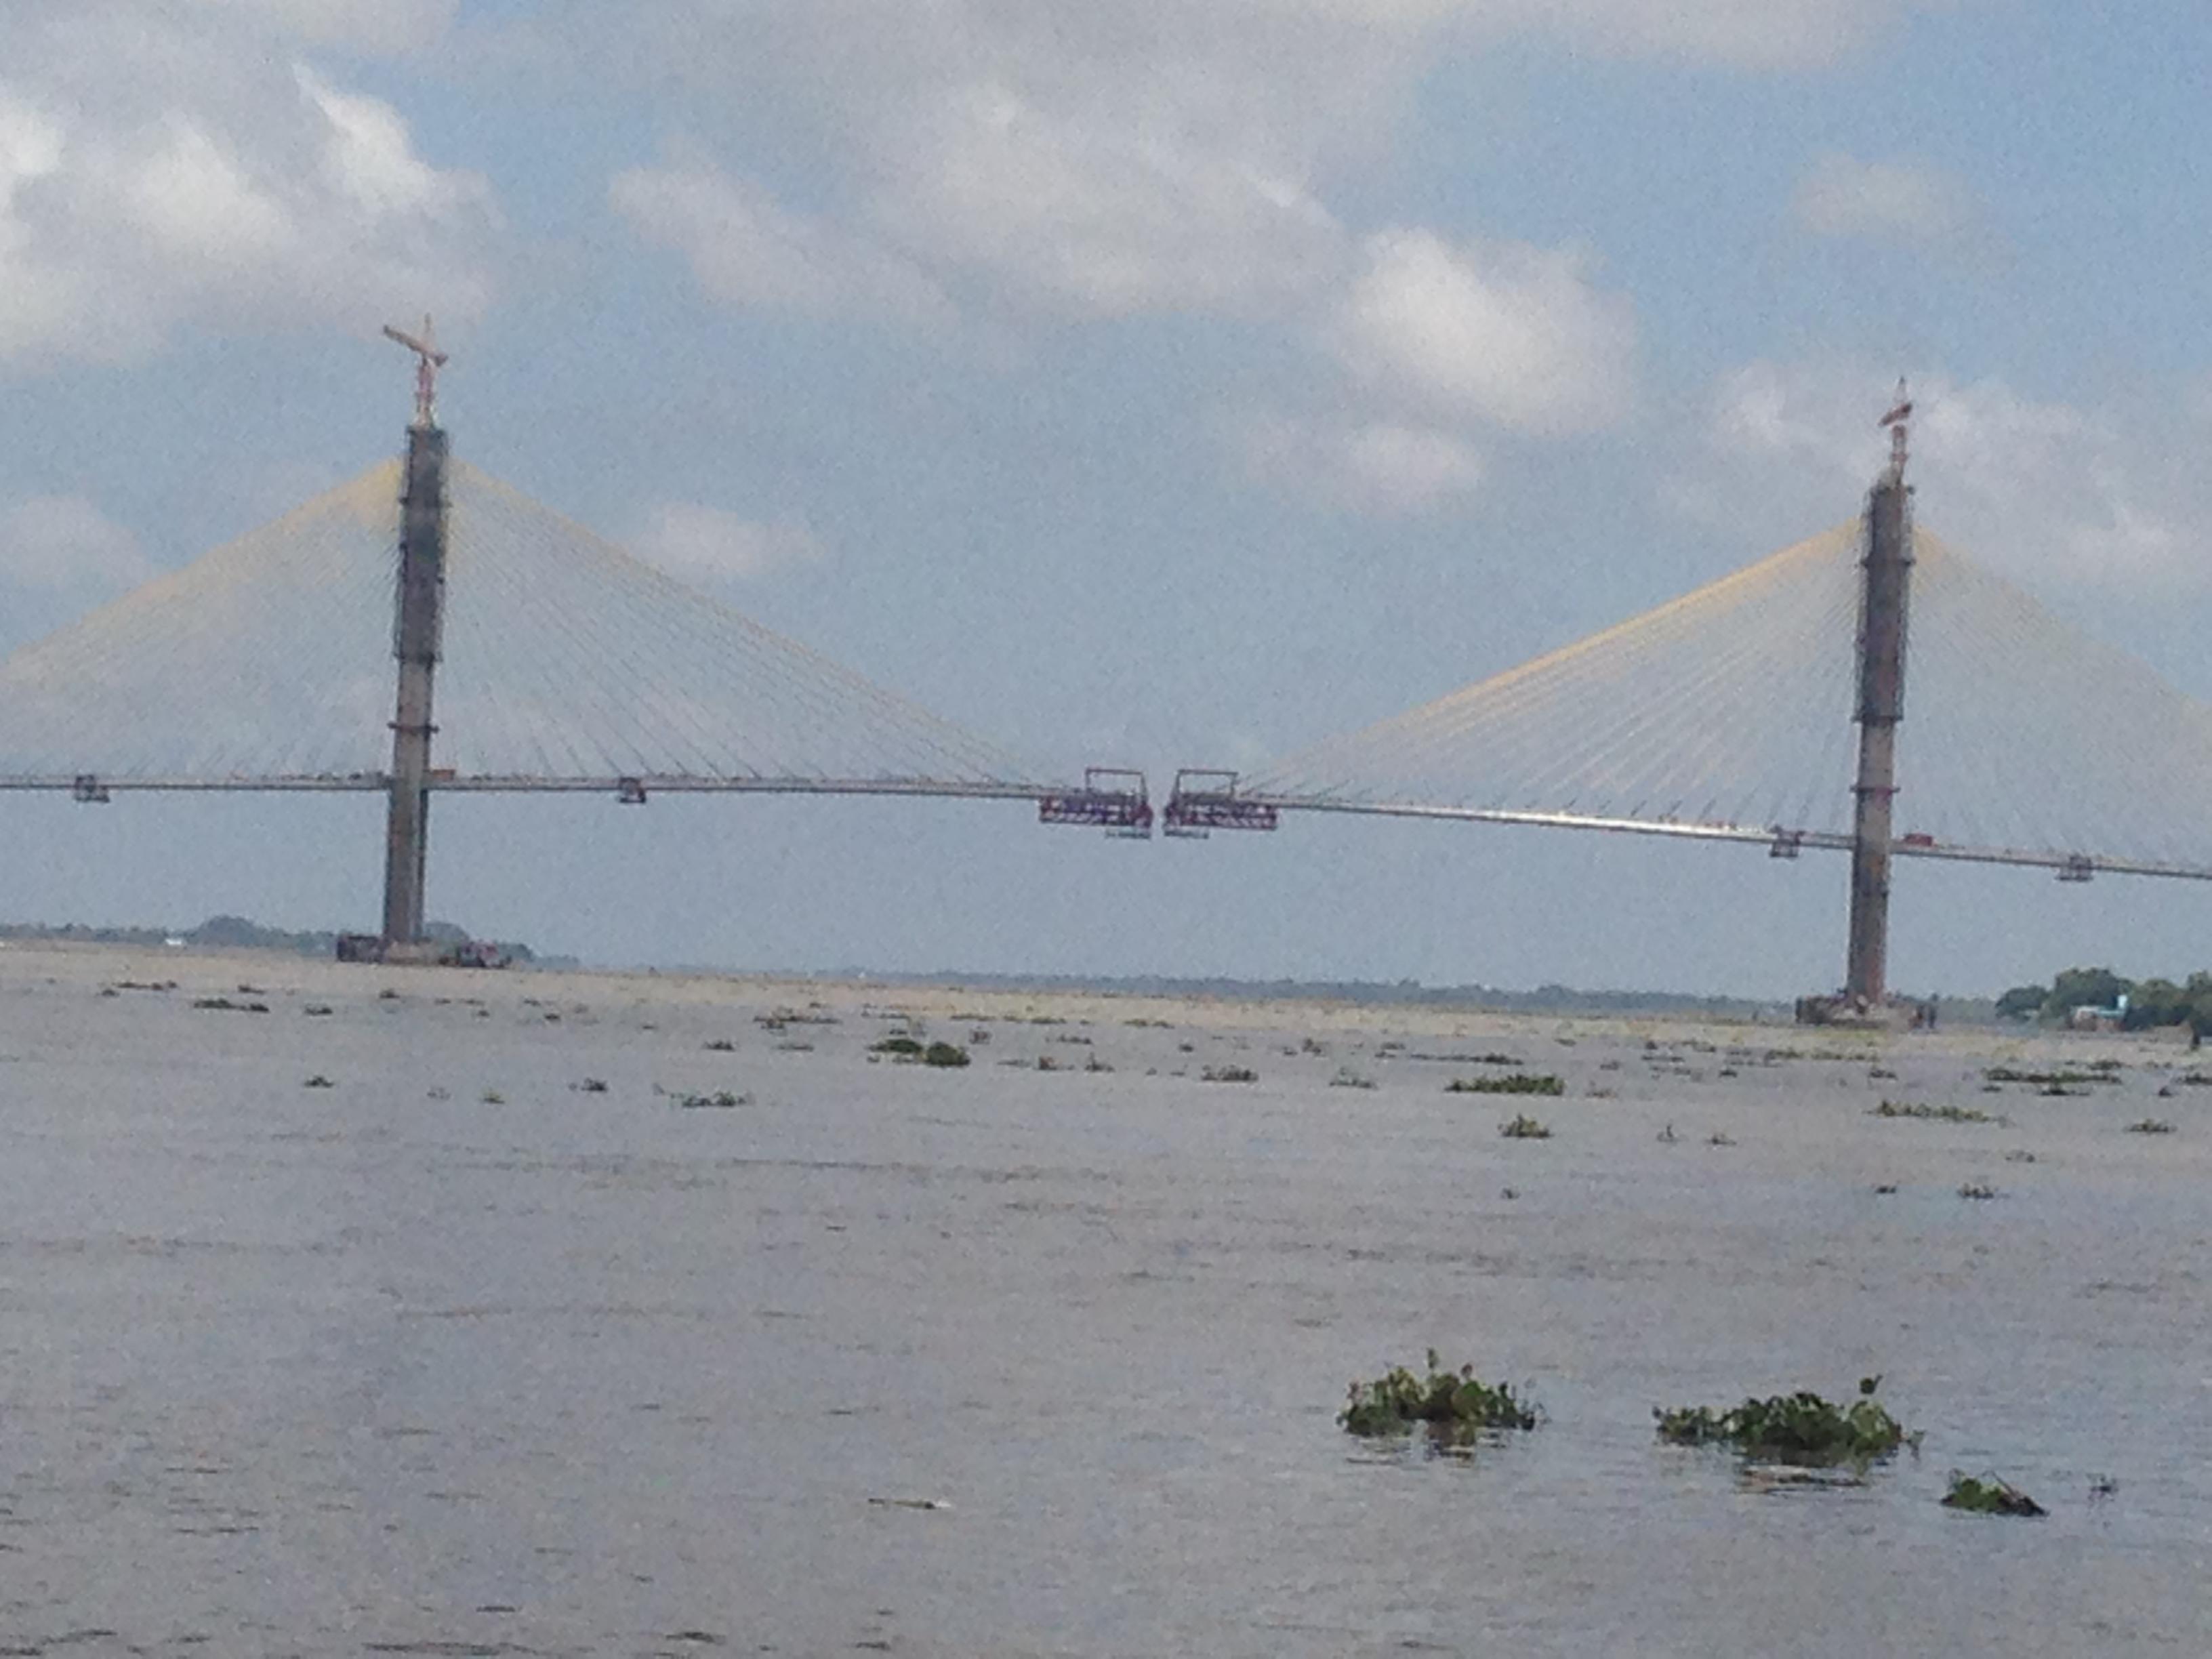 メコン川のネアックルン橋は完成...